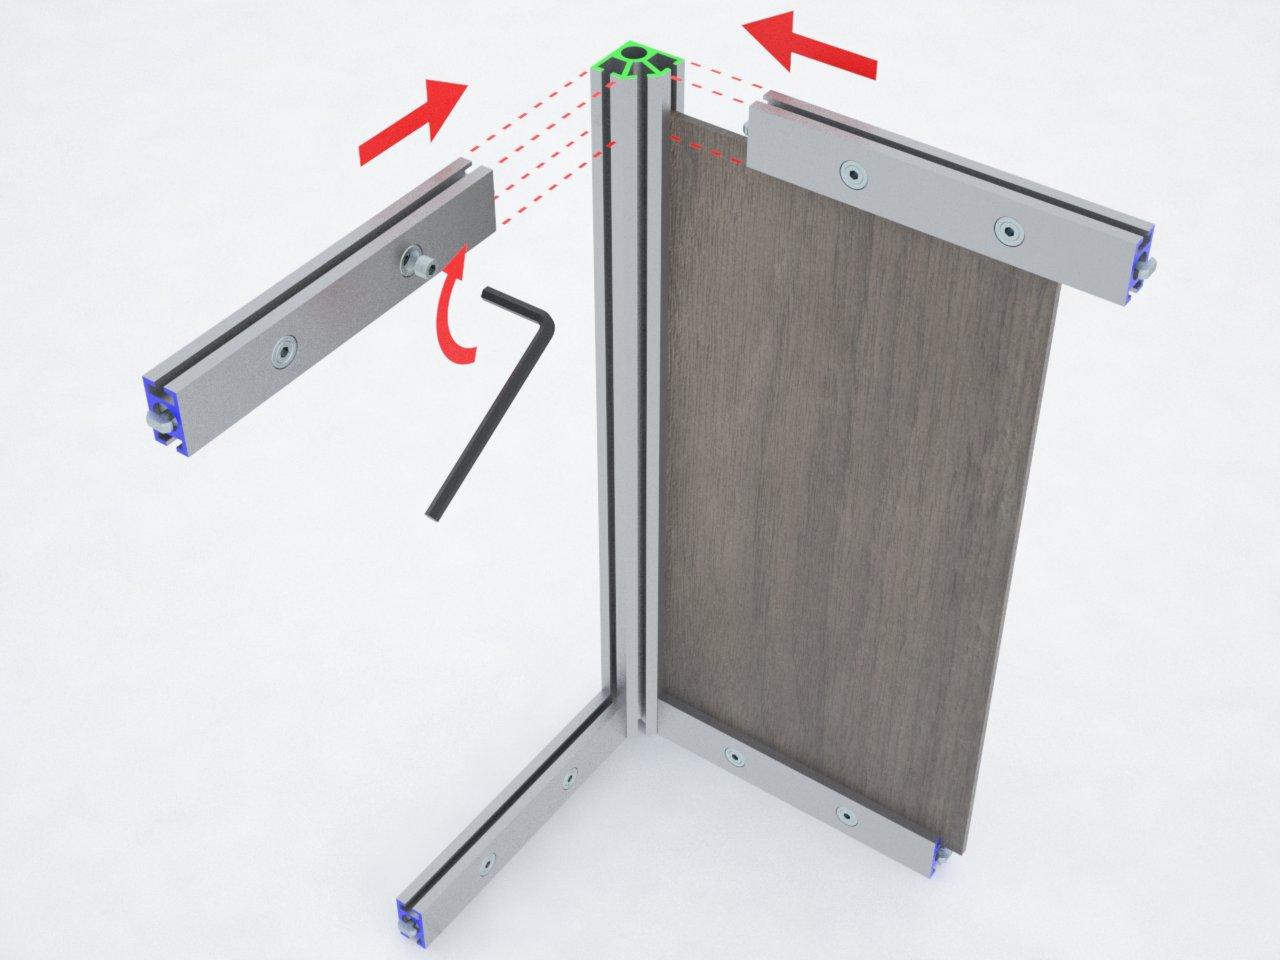 Perfil de coluna em alumínio para montagem de estruturas e divisórias